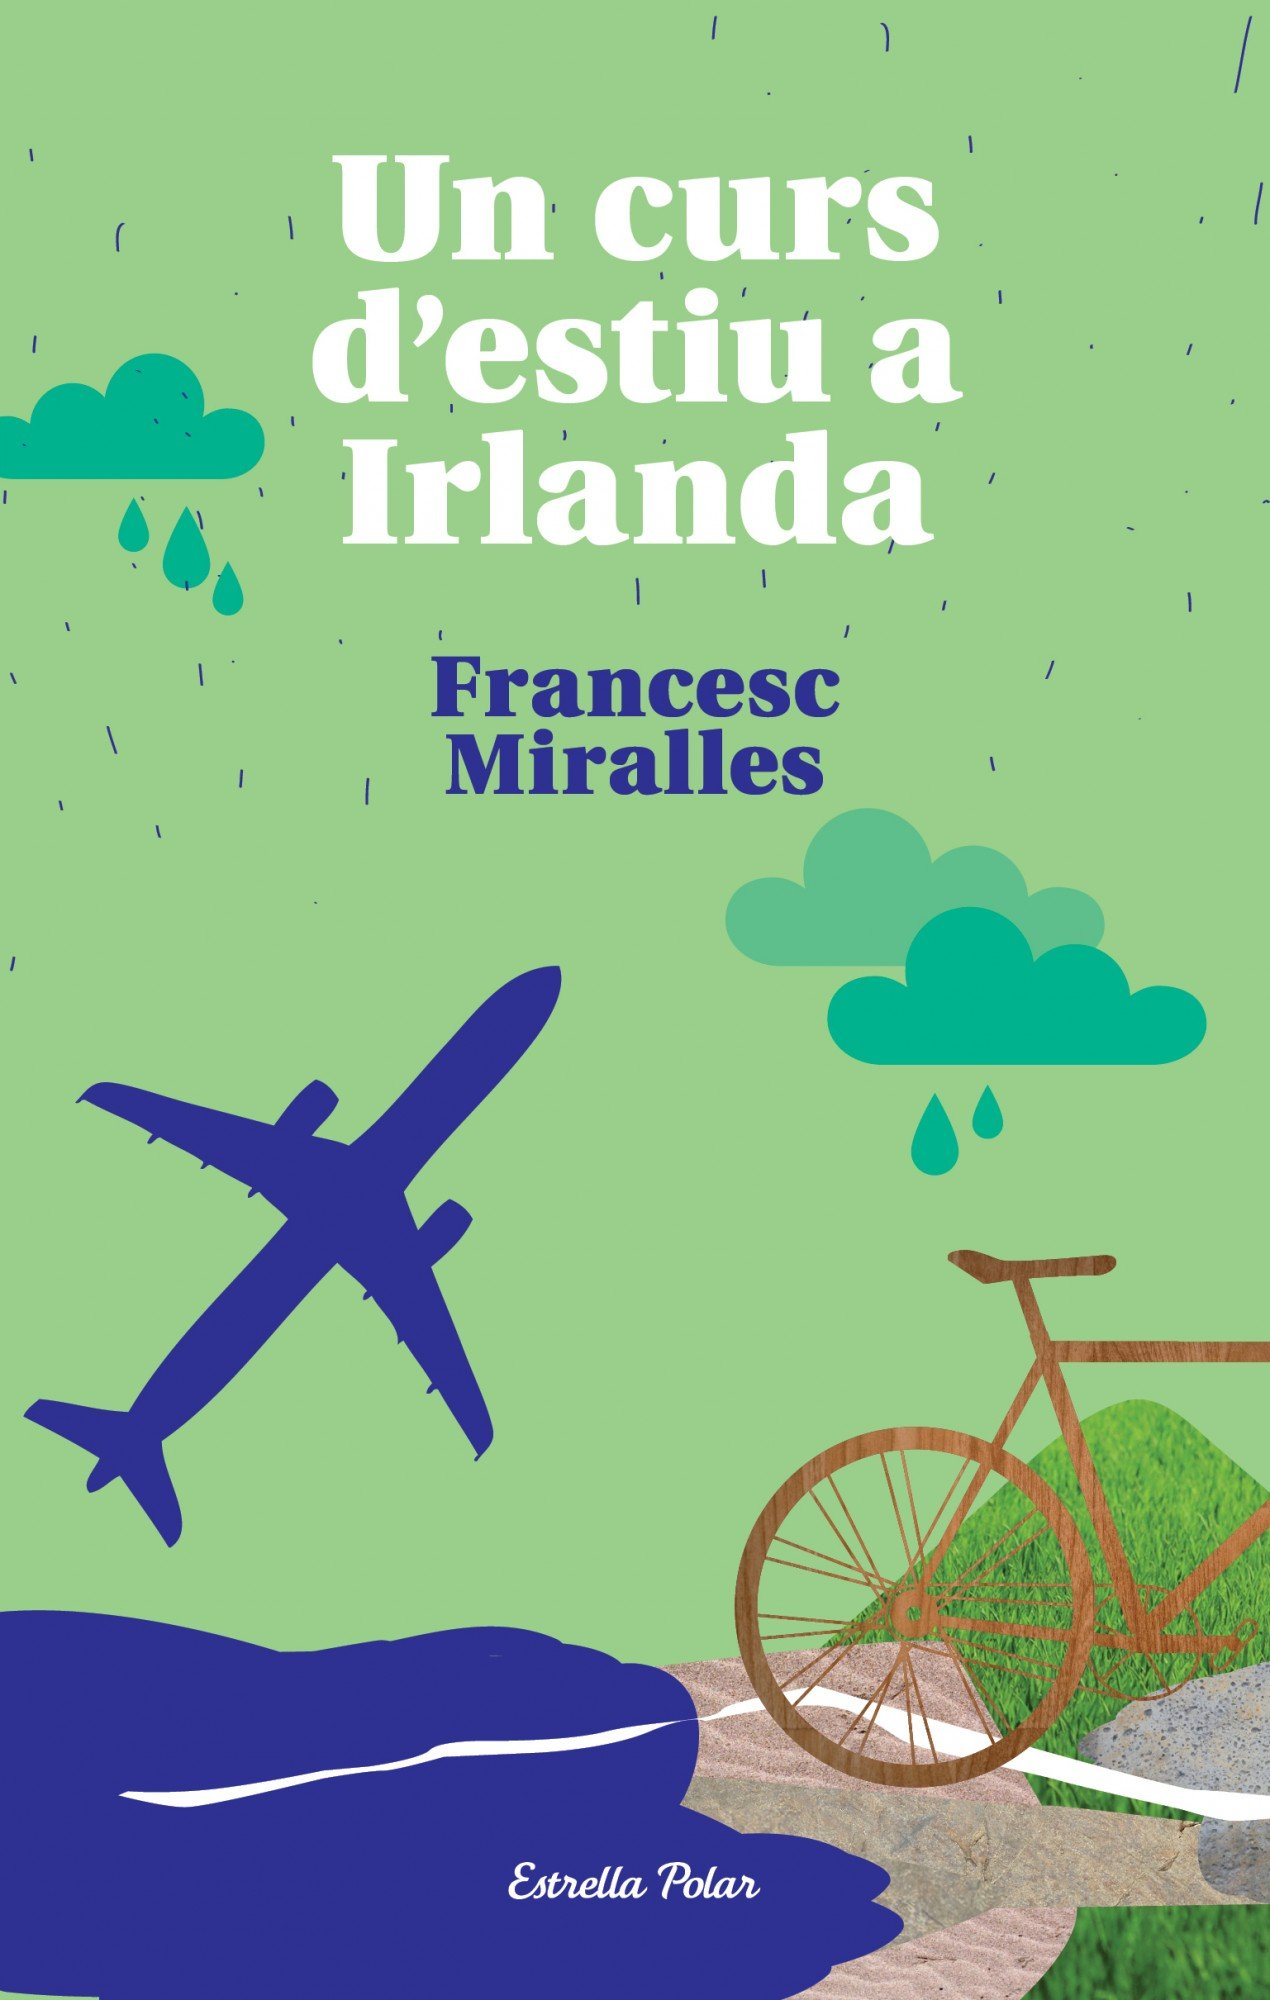 Un Curs Destiu A Irlanda (Col·lecció Jove): Amazon.es: Francesc Miralles: Libros